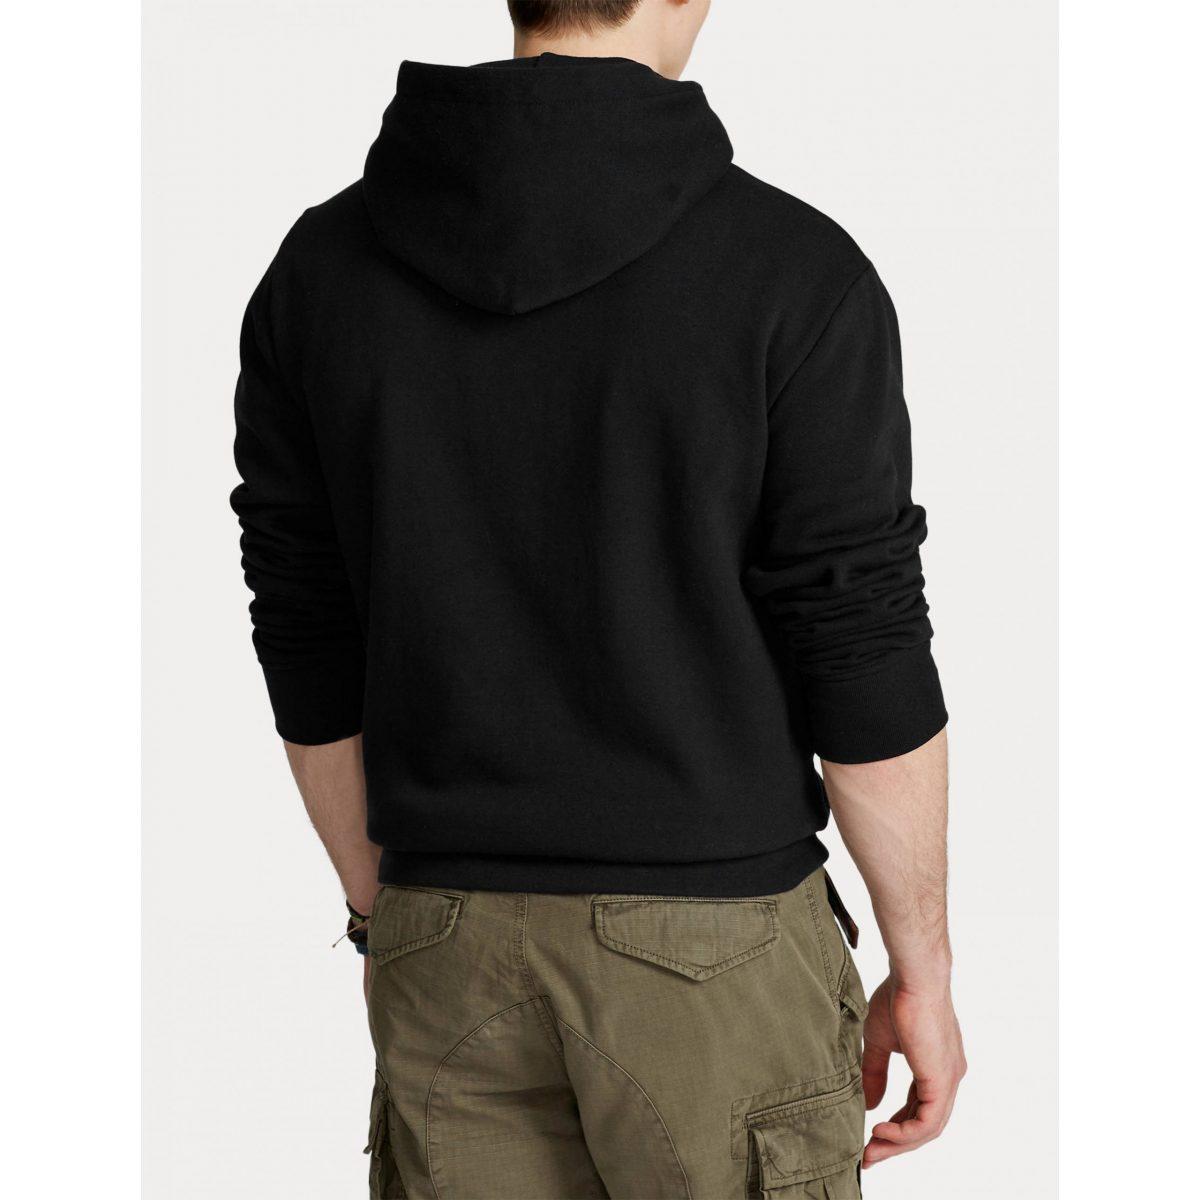 polo ralph lauren hoodie met logo zwart zwart 3616531202591 1 scaled